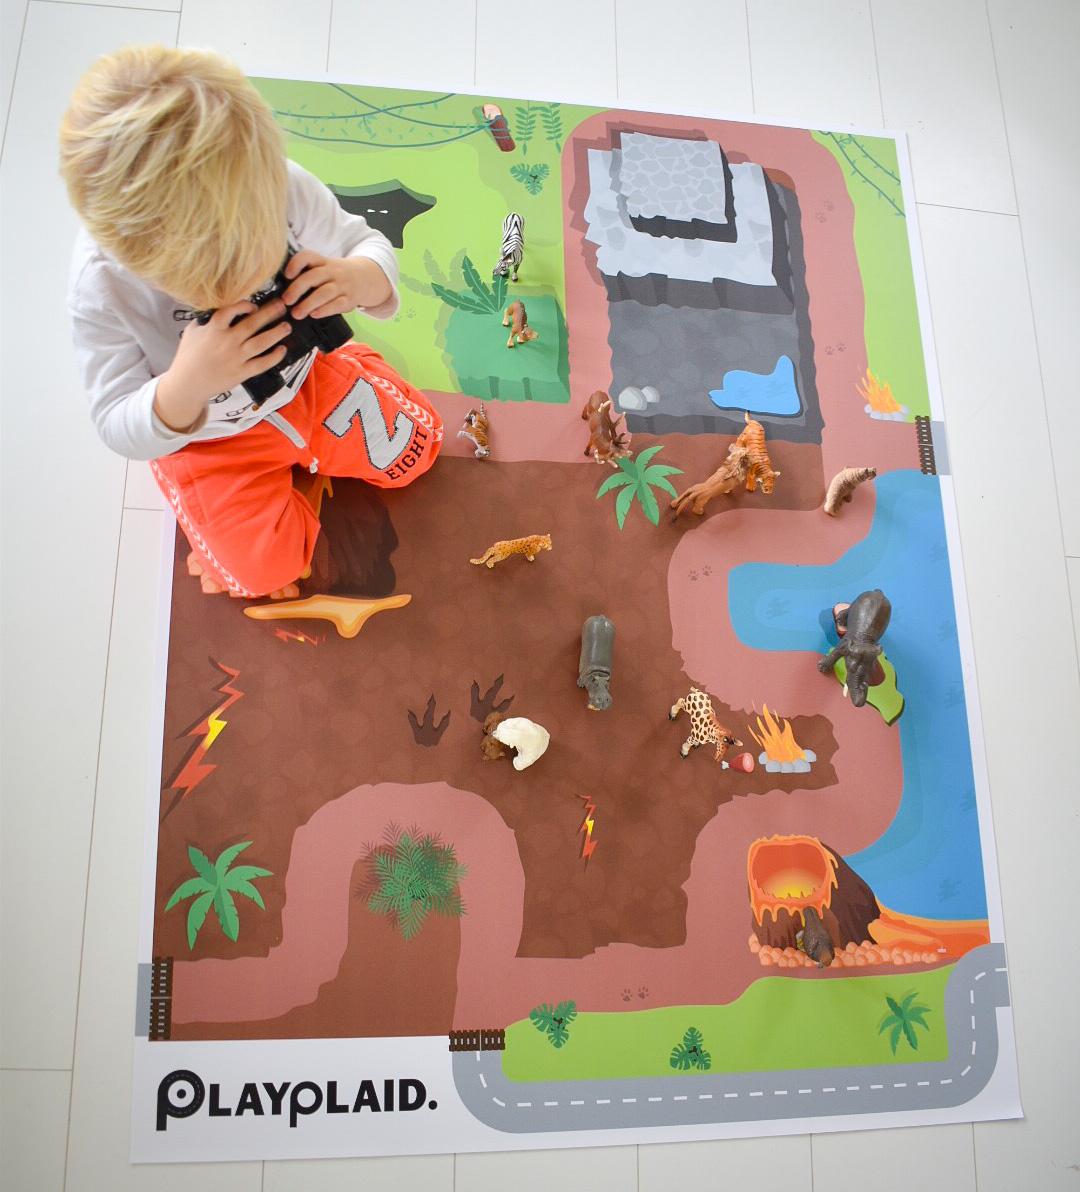 playplaid 2